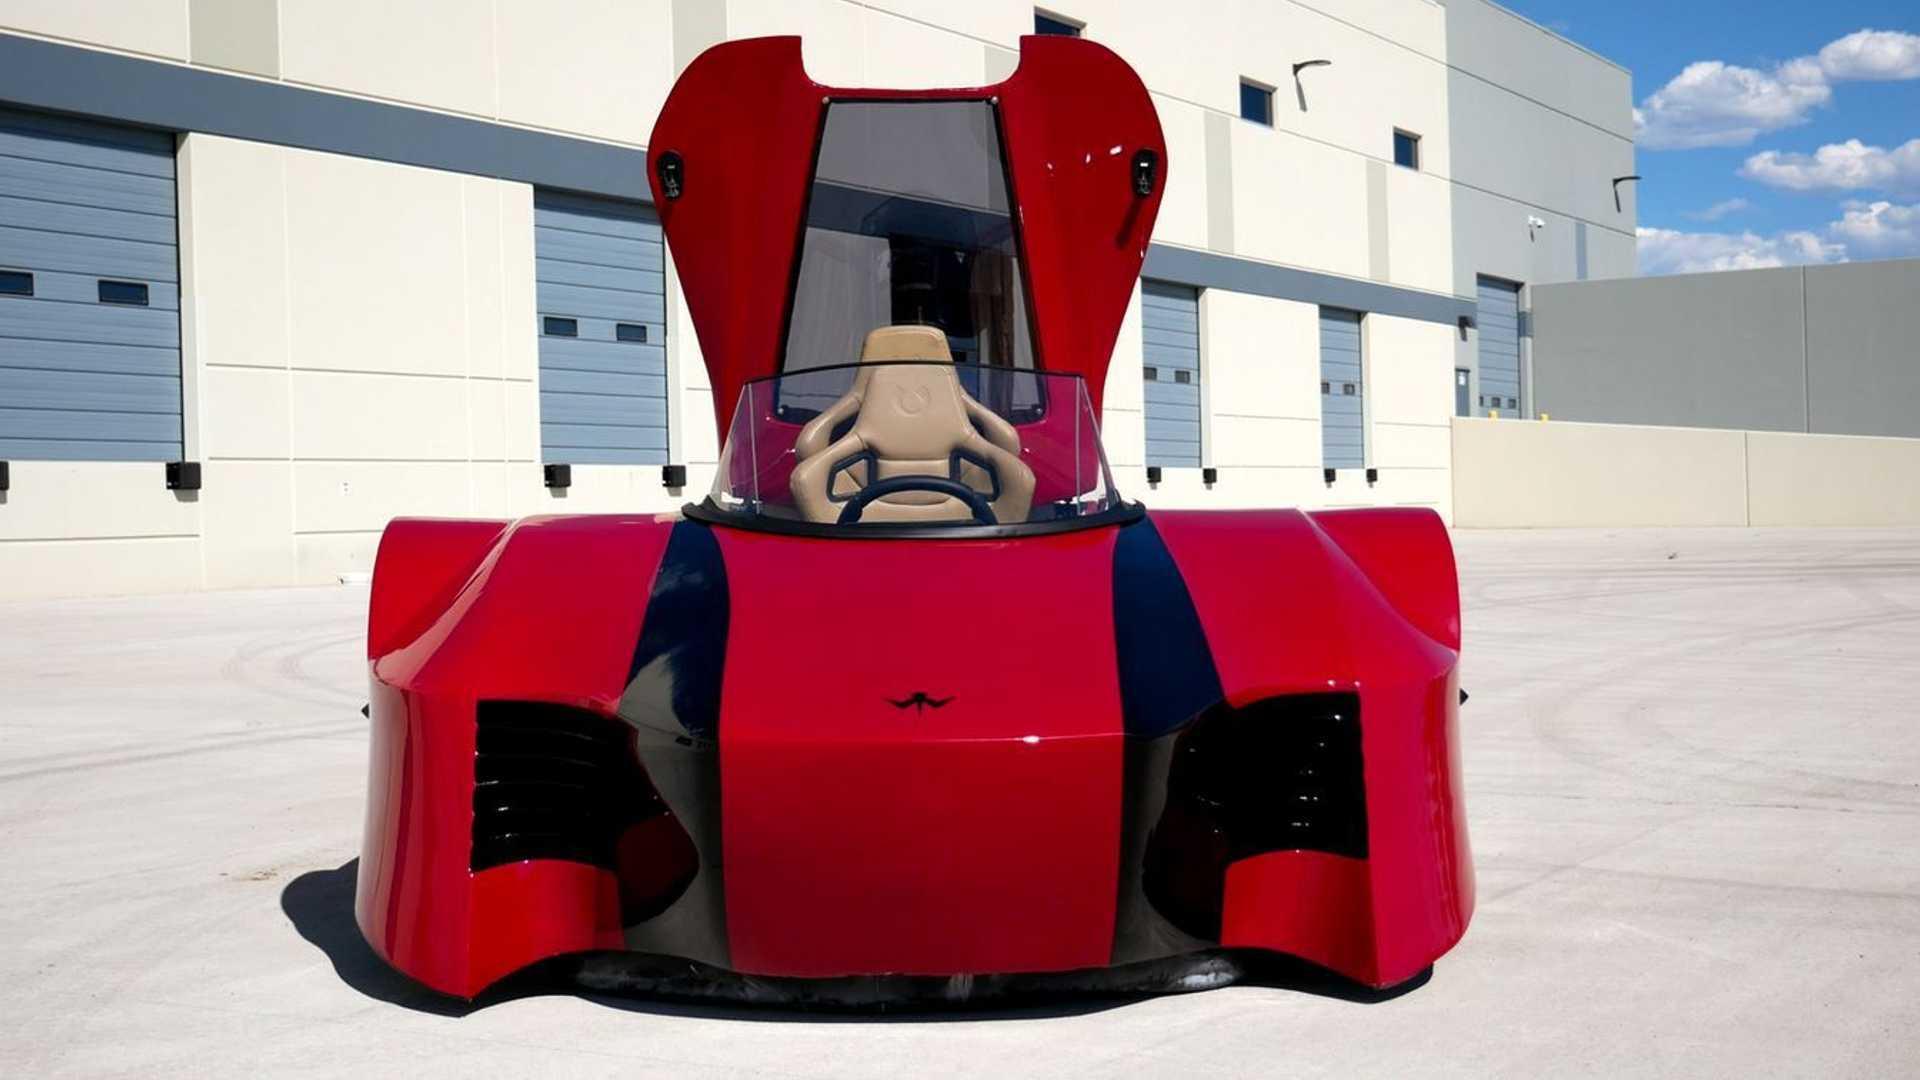 Chiêm ngưỡng chiếc xe thủy phi cơ tối tân, đắt đỏ nhất thế giới